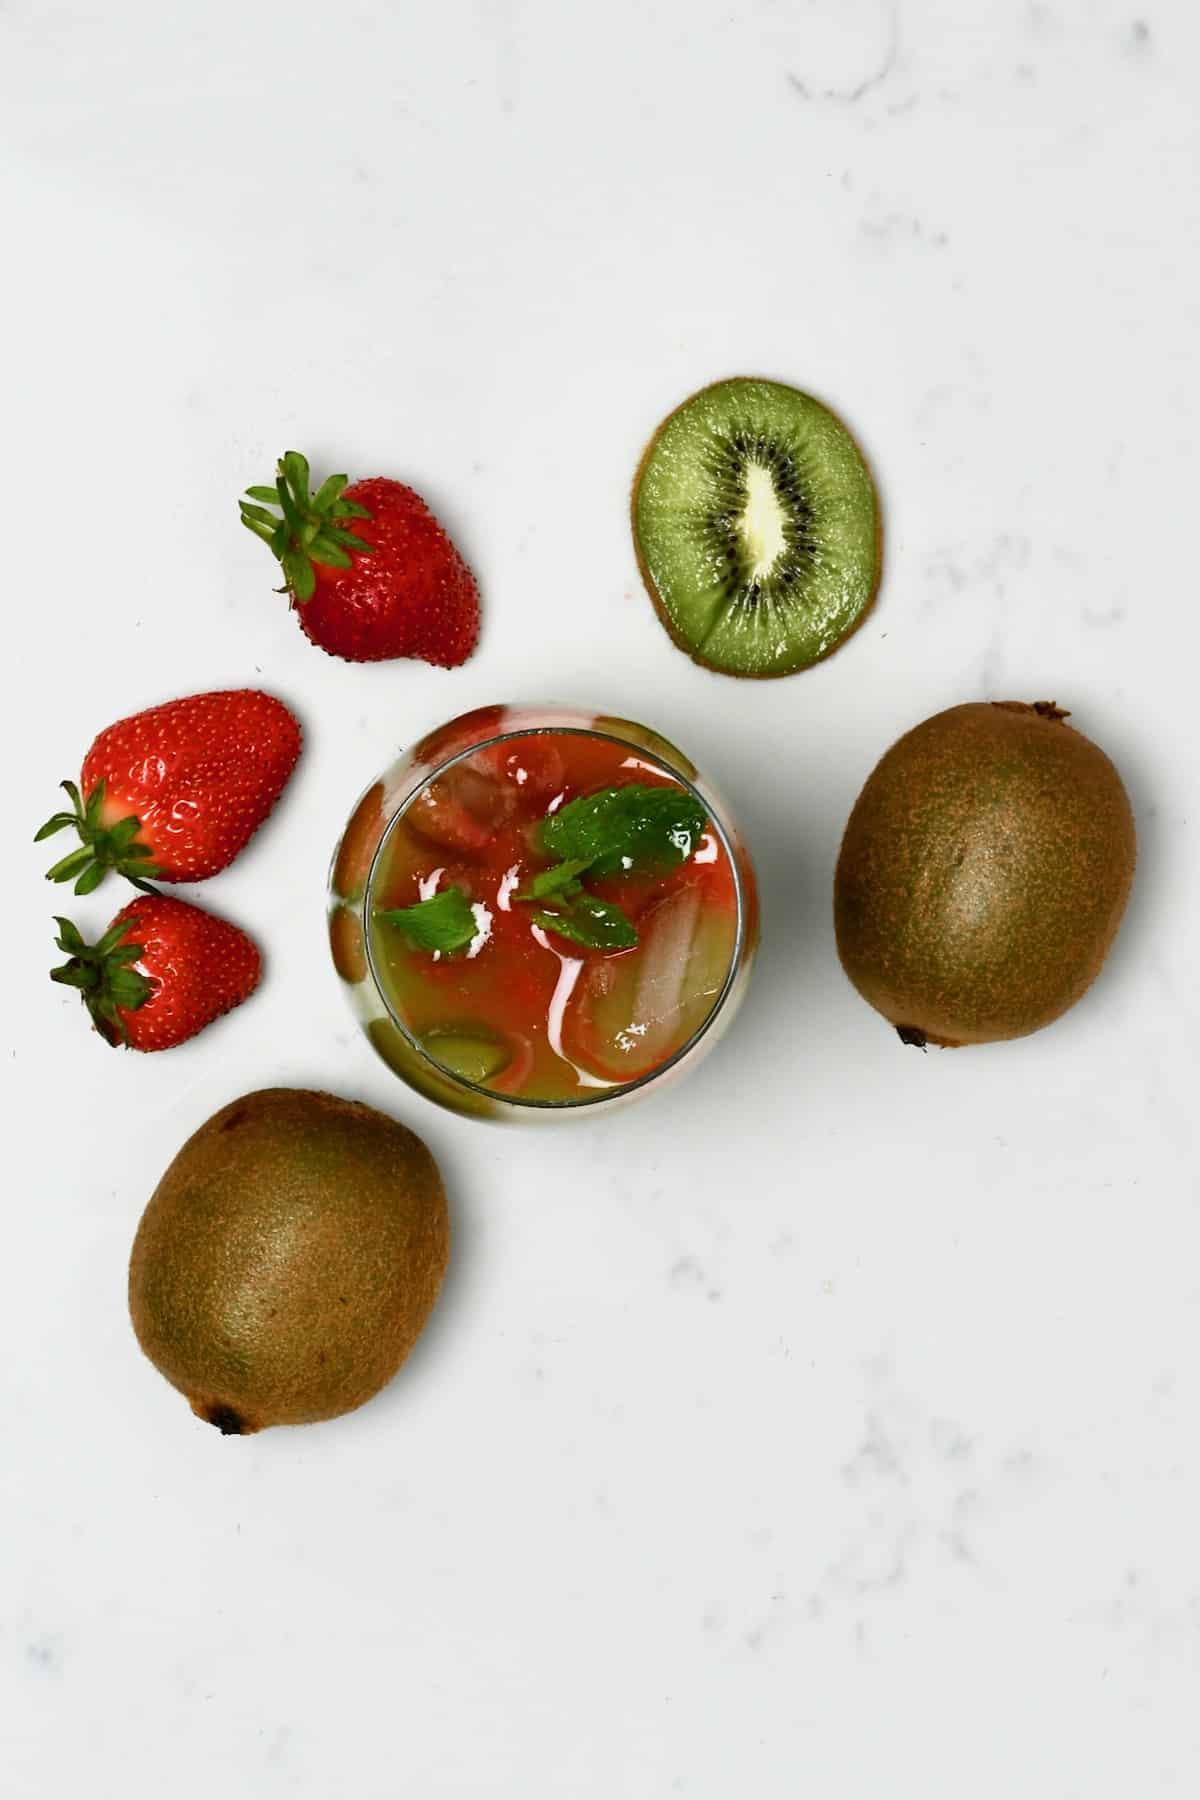 A glass with strawberry kiwi juice